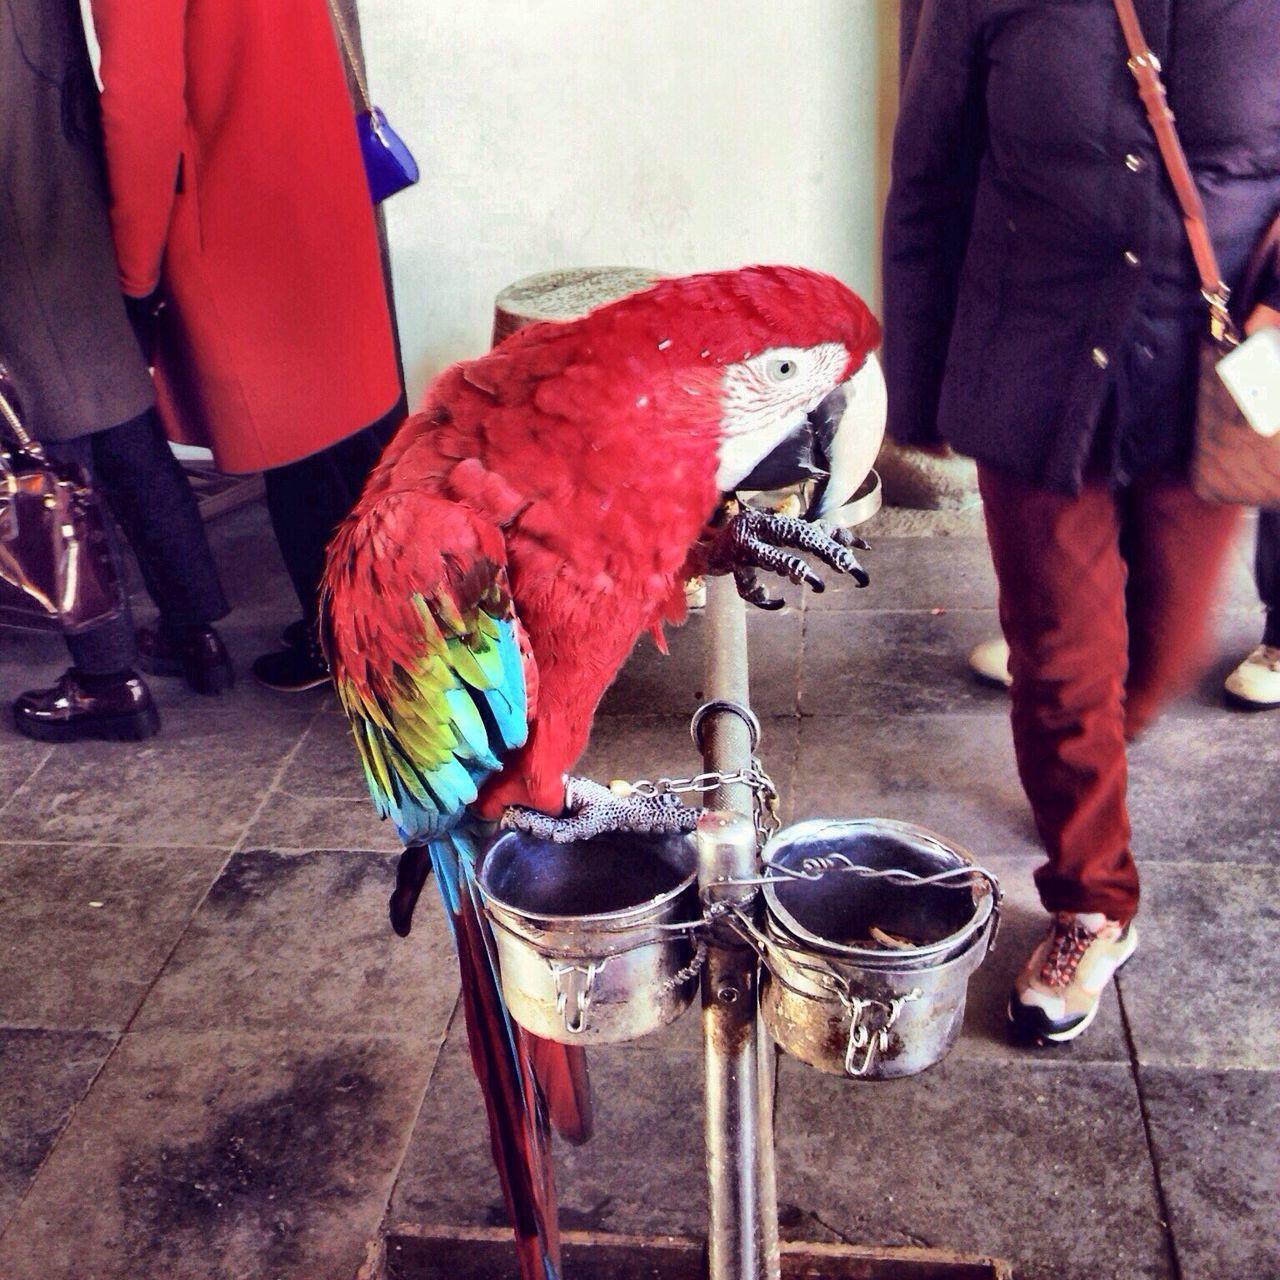 Red Bird Perching Macaw Parrot Parrots Parrot Lover Zhujiajiao Shanghai China